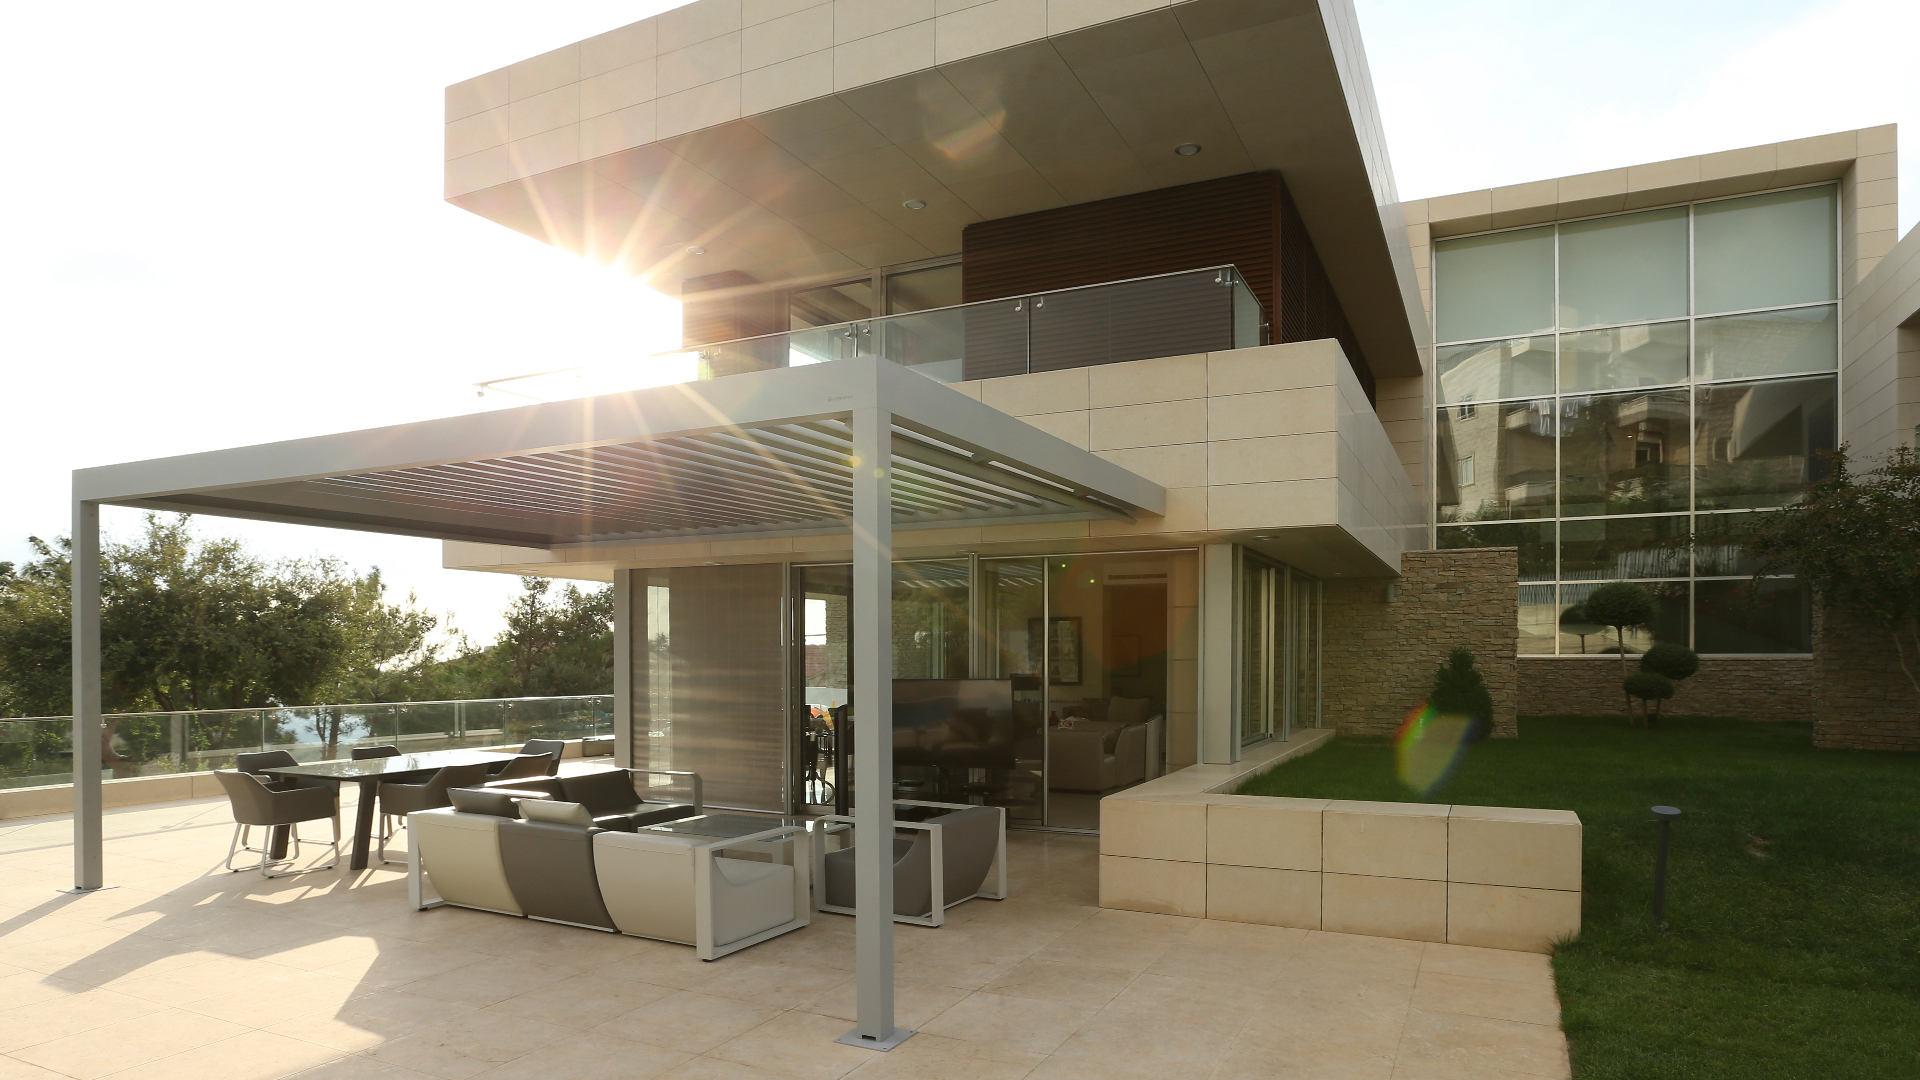 Algarve Lamellendach über der Terrasse eines modernen Hauses